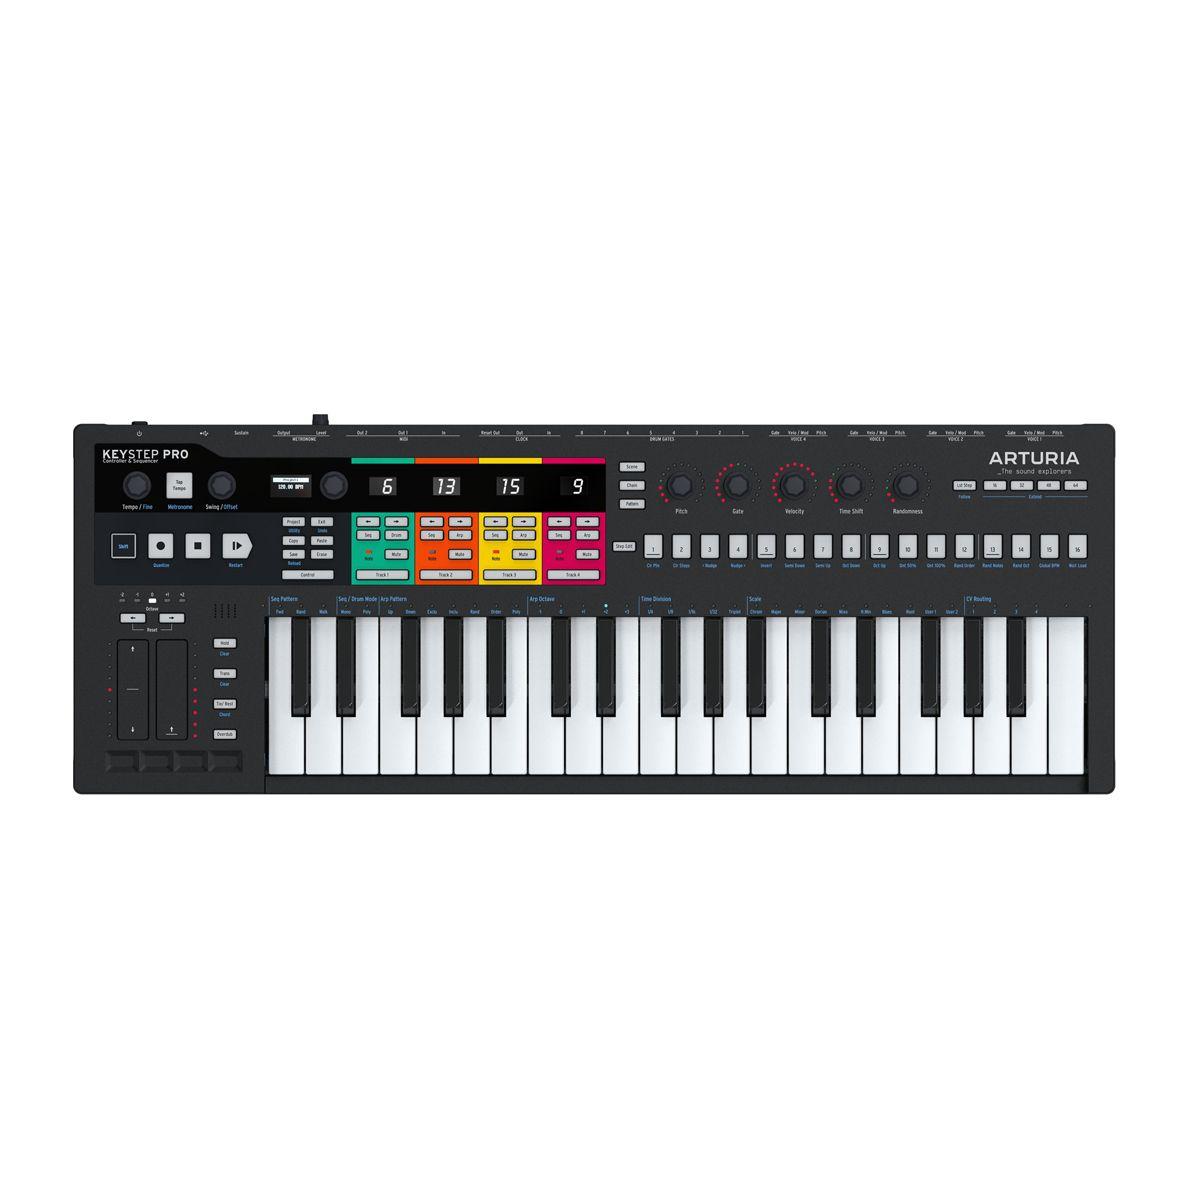 Arturia Keystep Pro USB MIDI Controller w/ CV/Gate (Black)